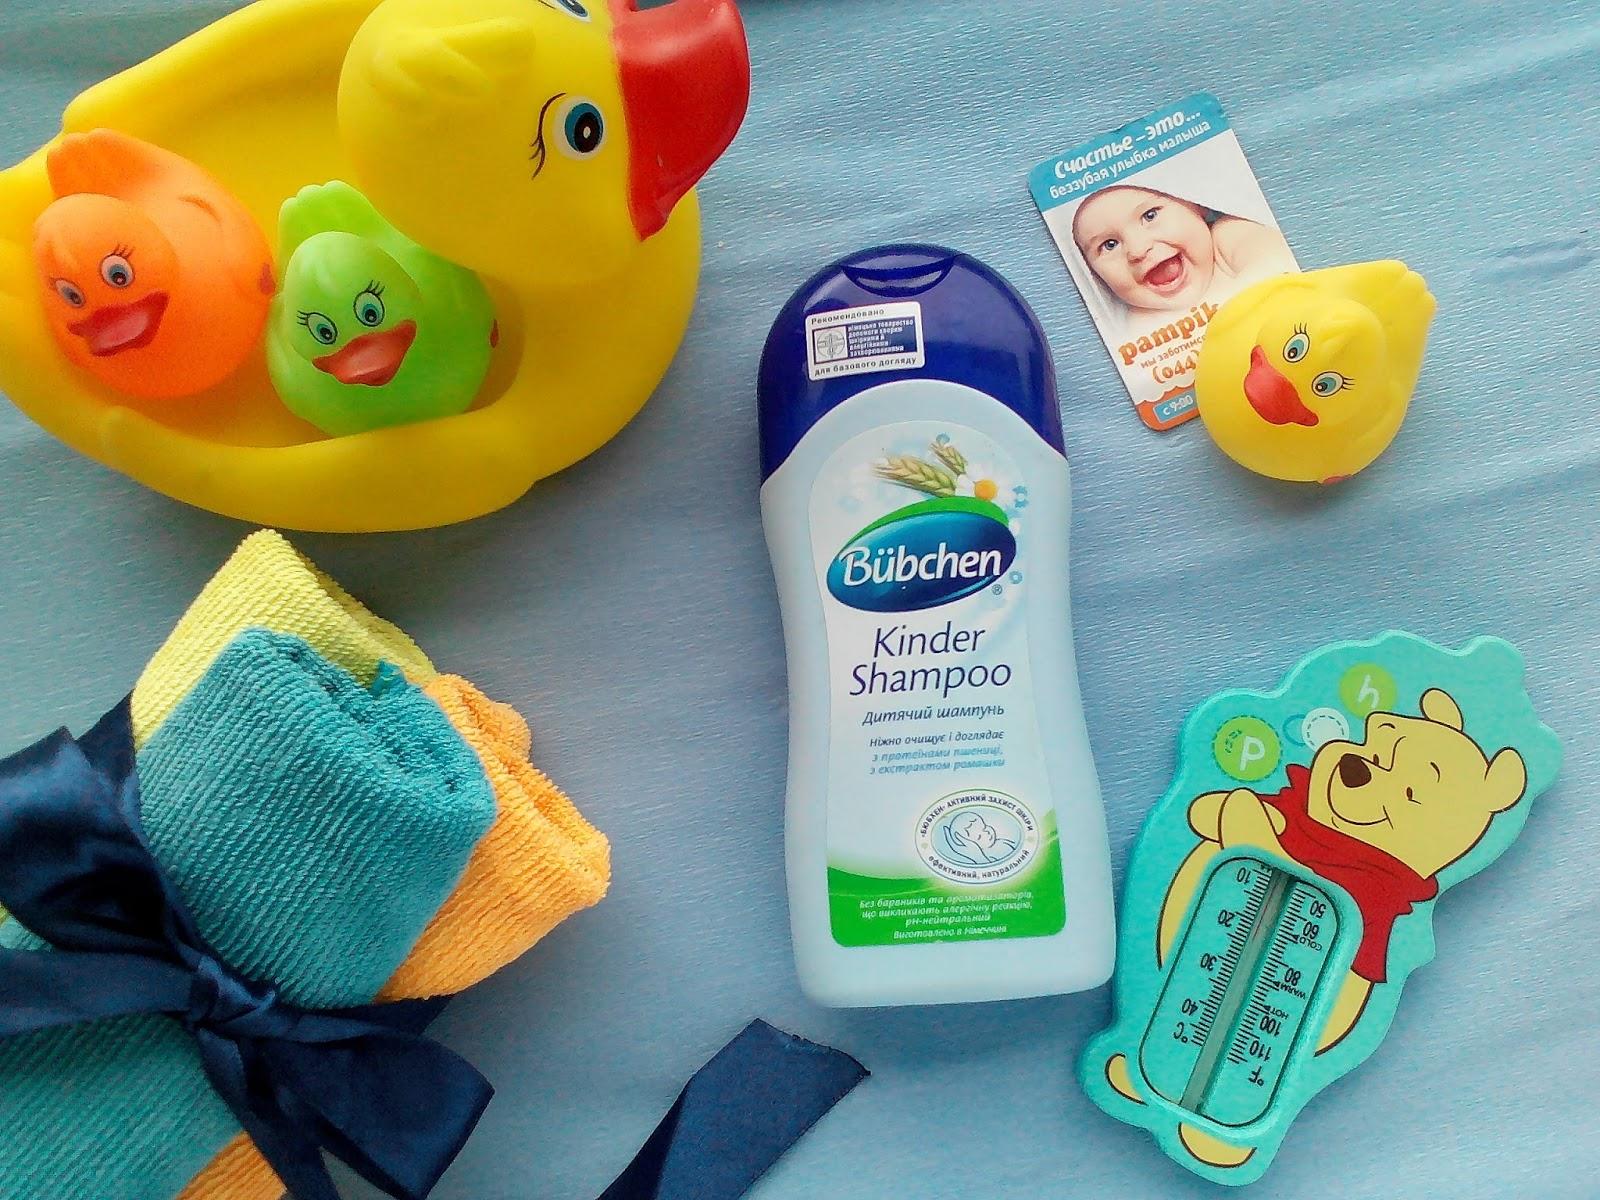 Основной набор детских принадлежностей для купания